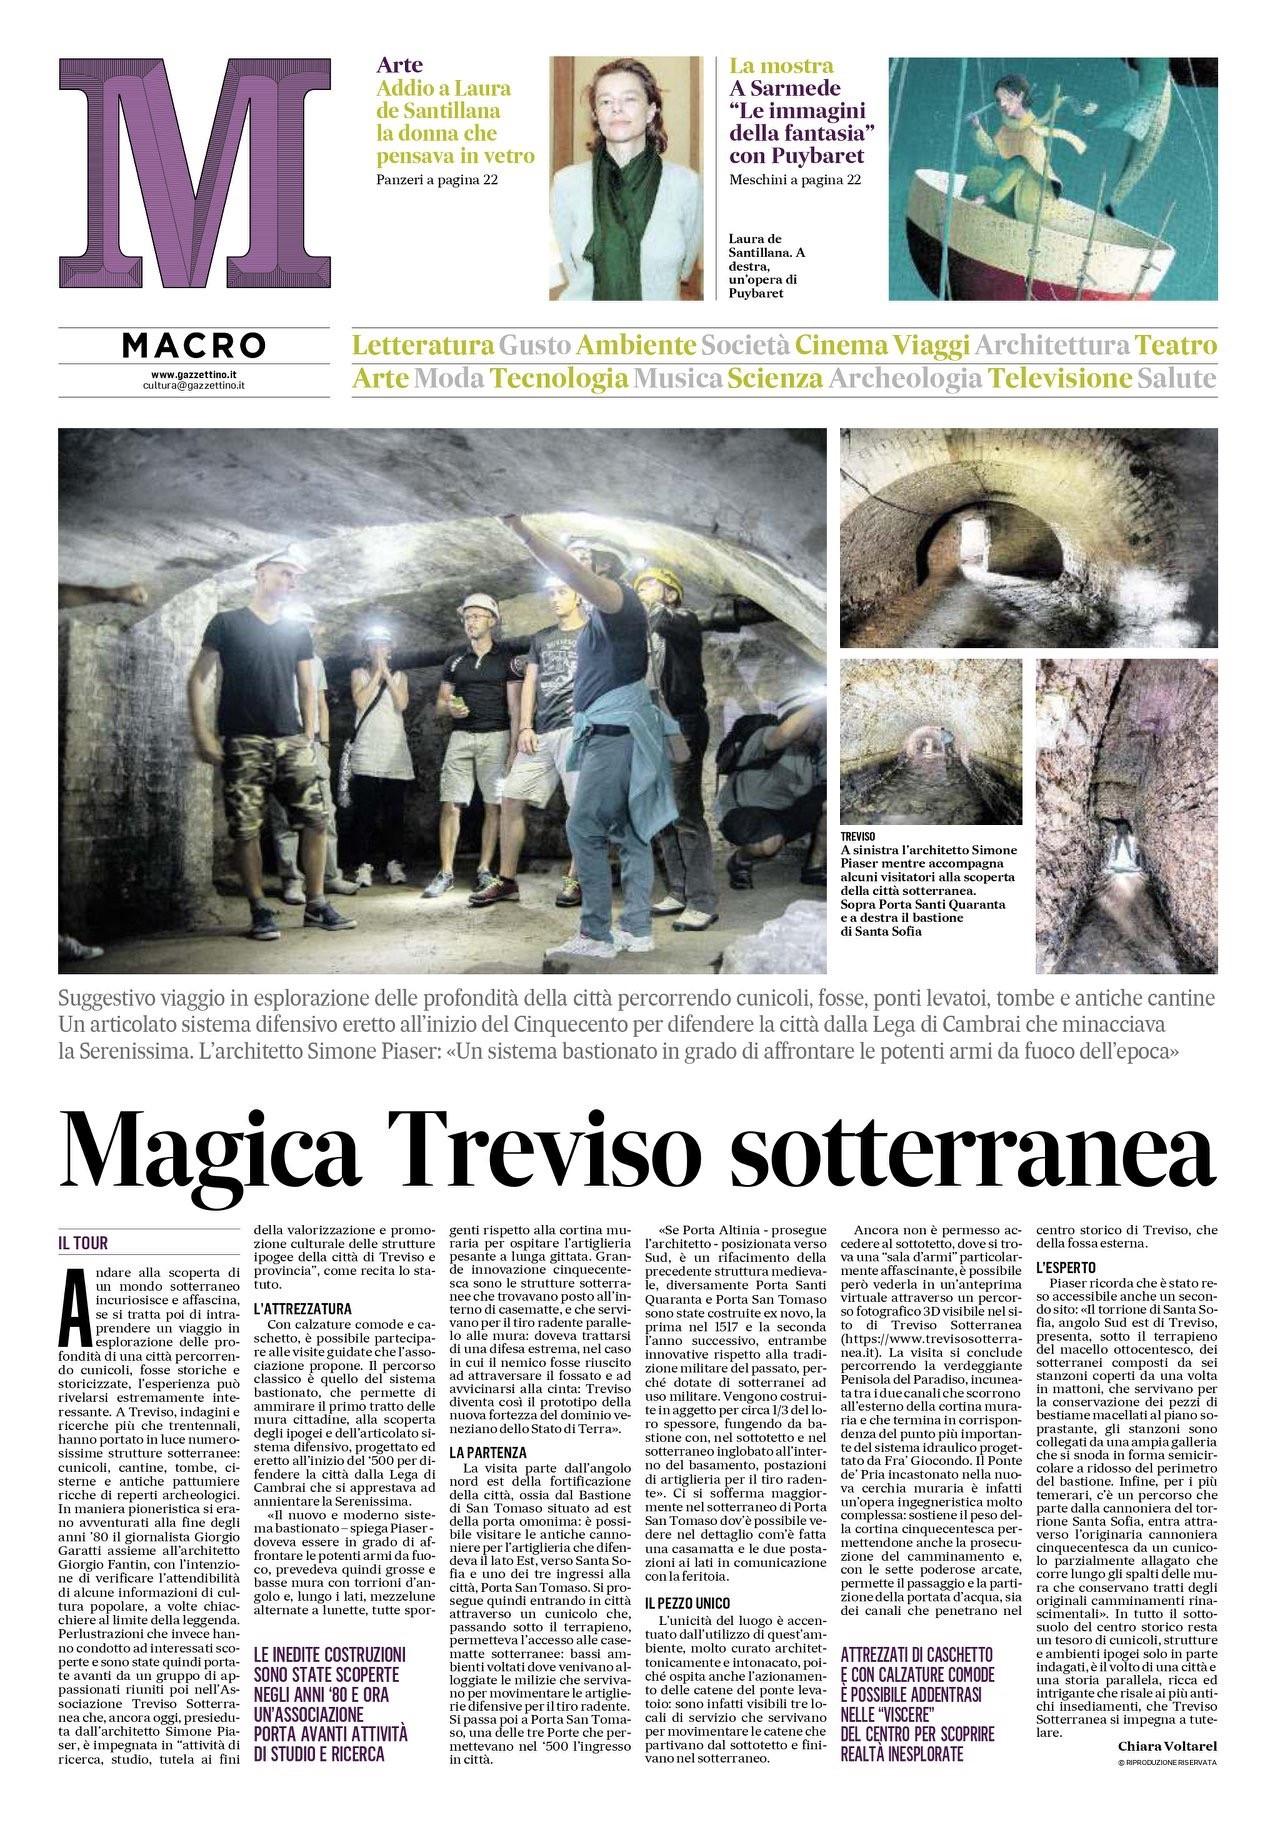 magica-treviso-sotterranea-gazzettino